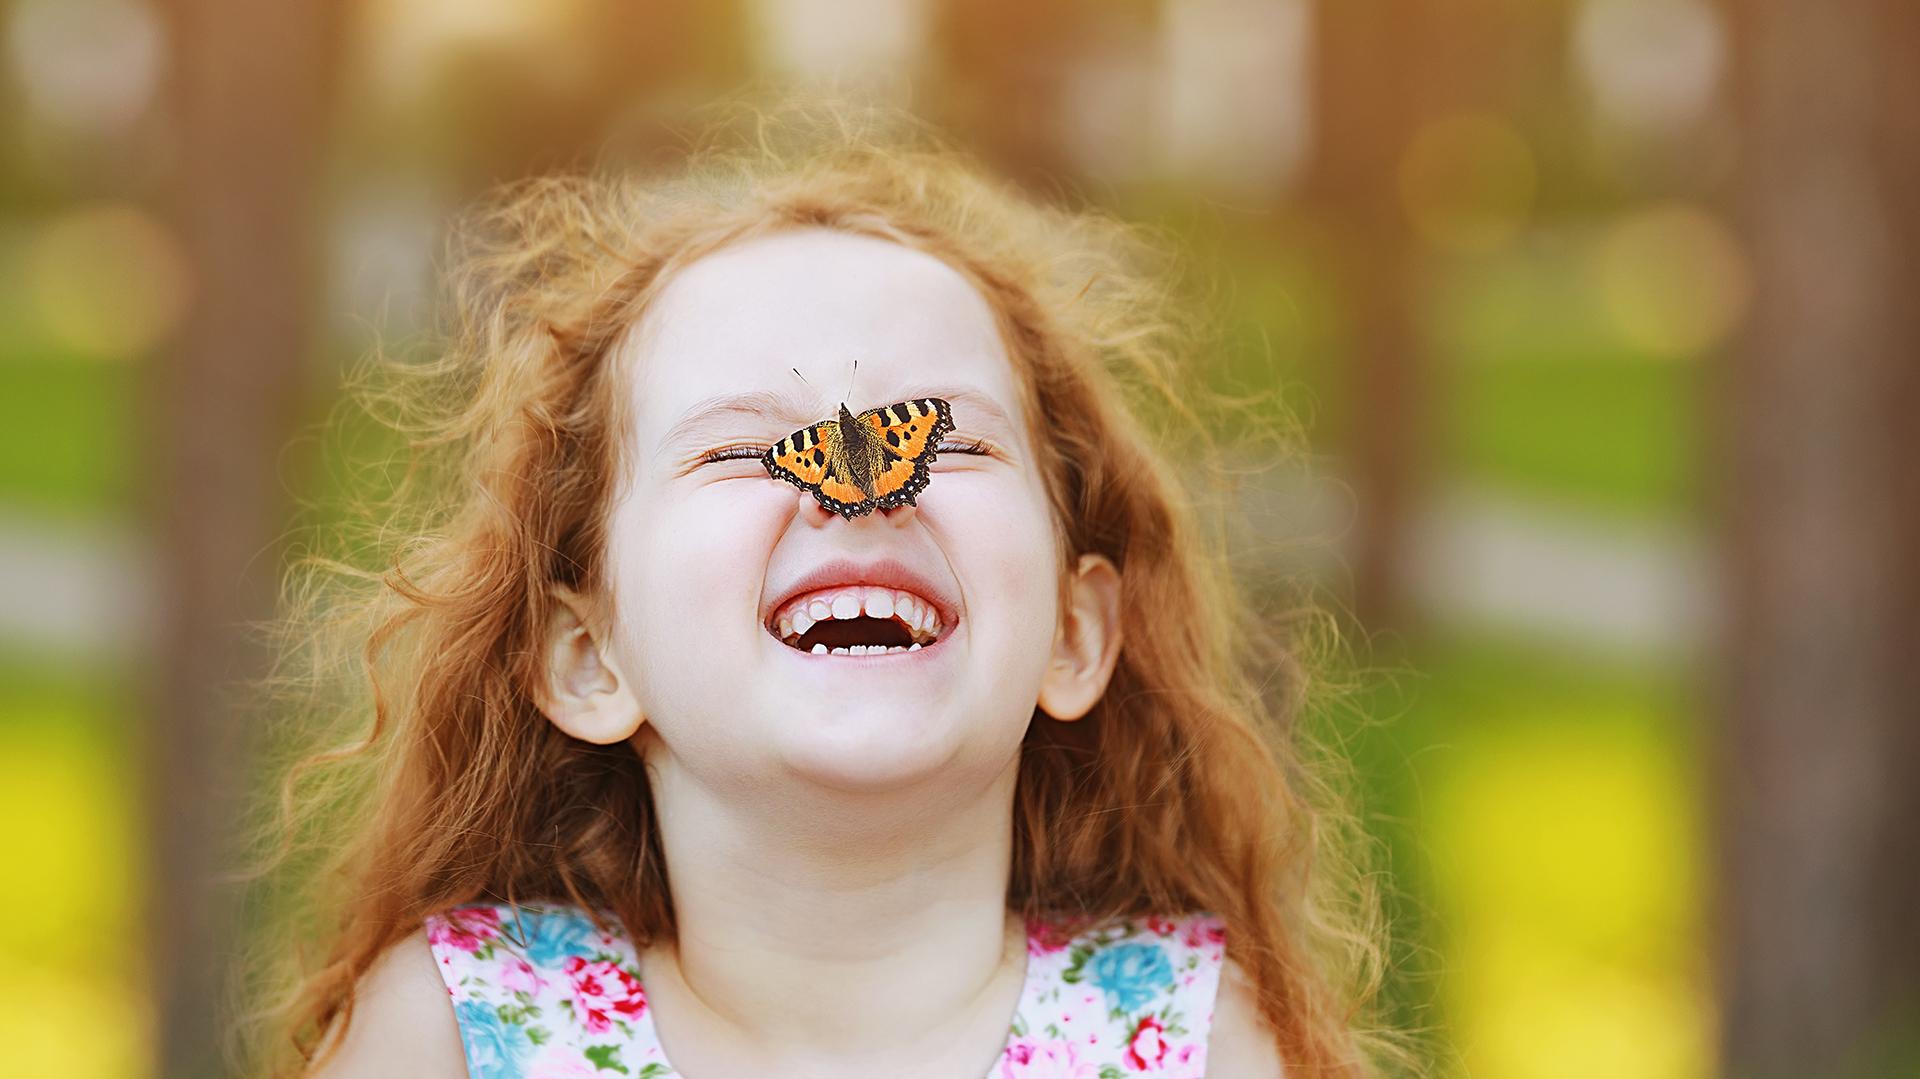 La risa produce endorfinas que ayuda a un mejor bienestar y plenitud de la persona (Getty Images)